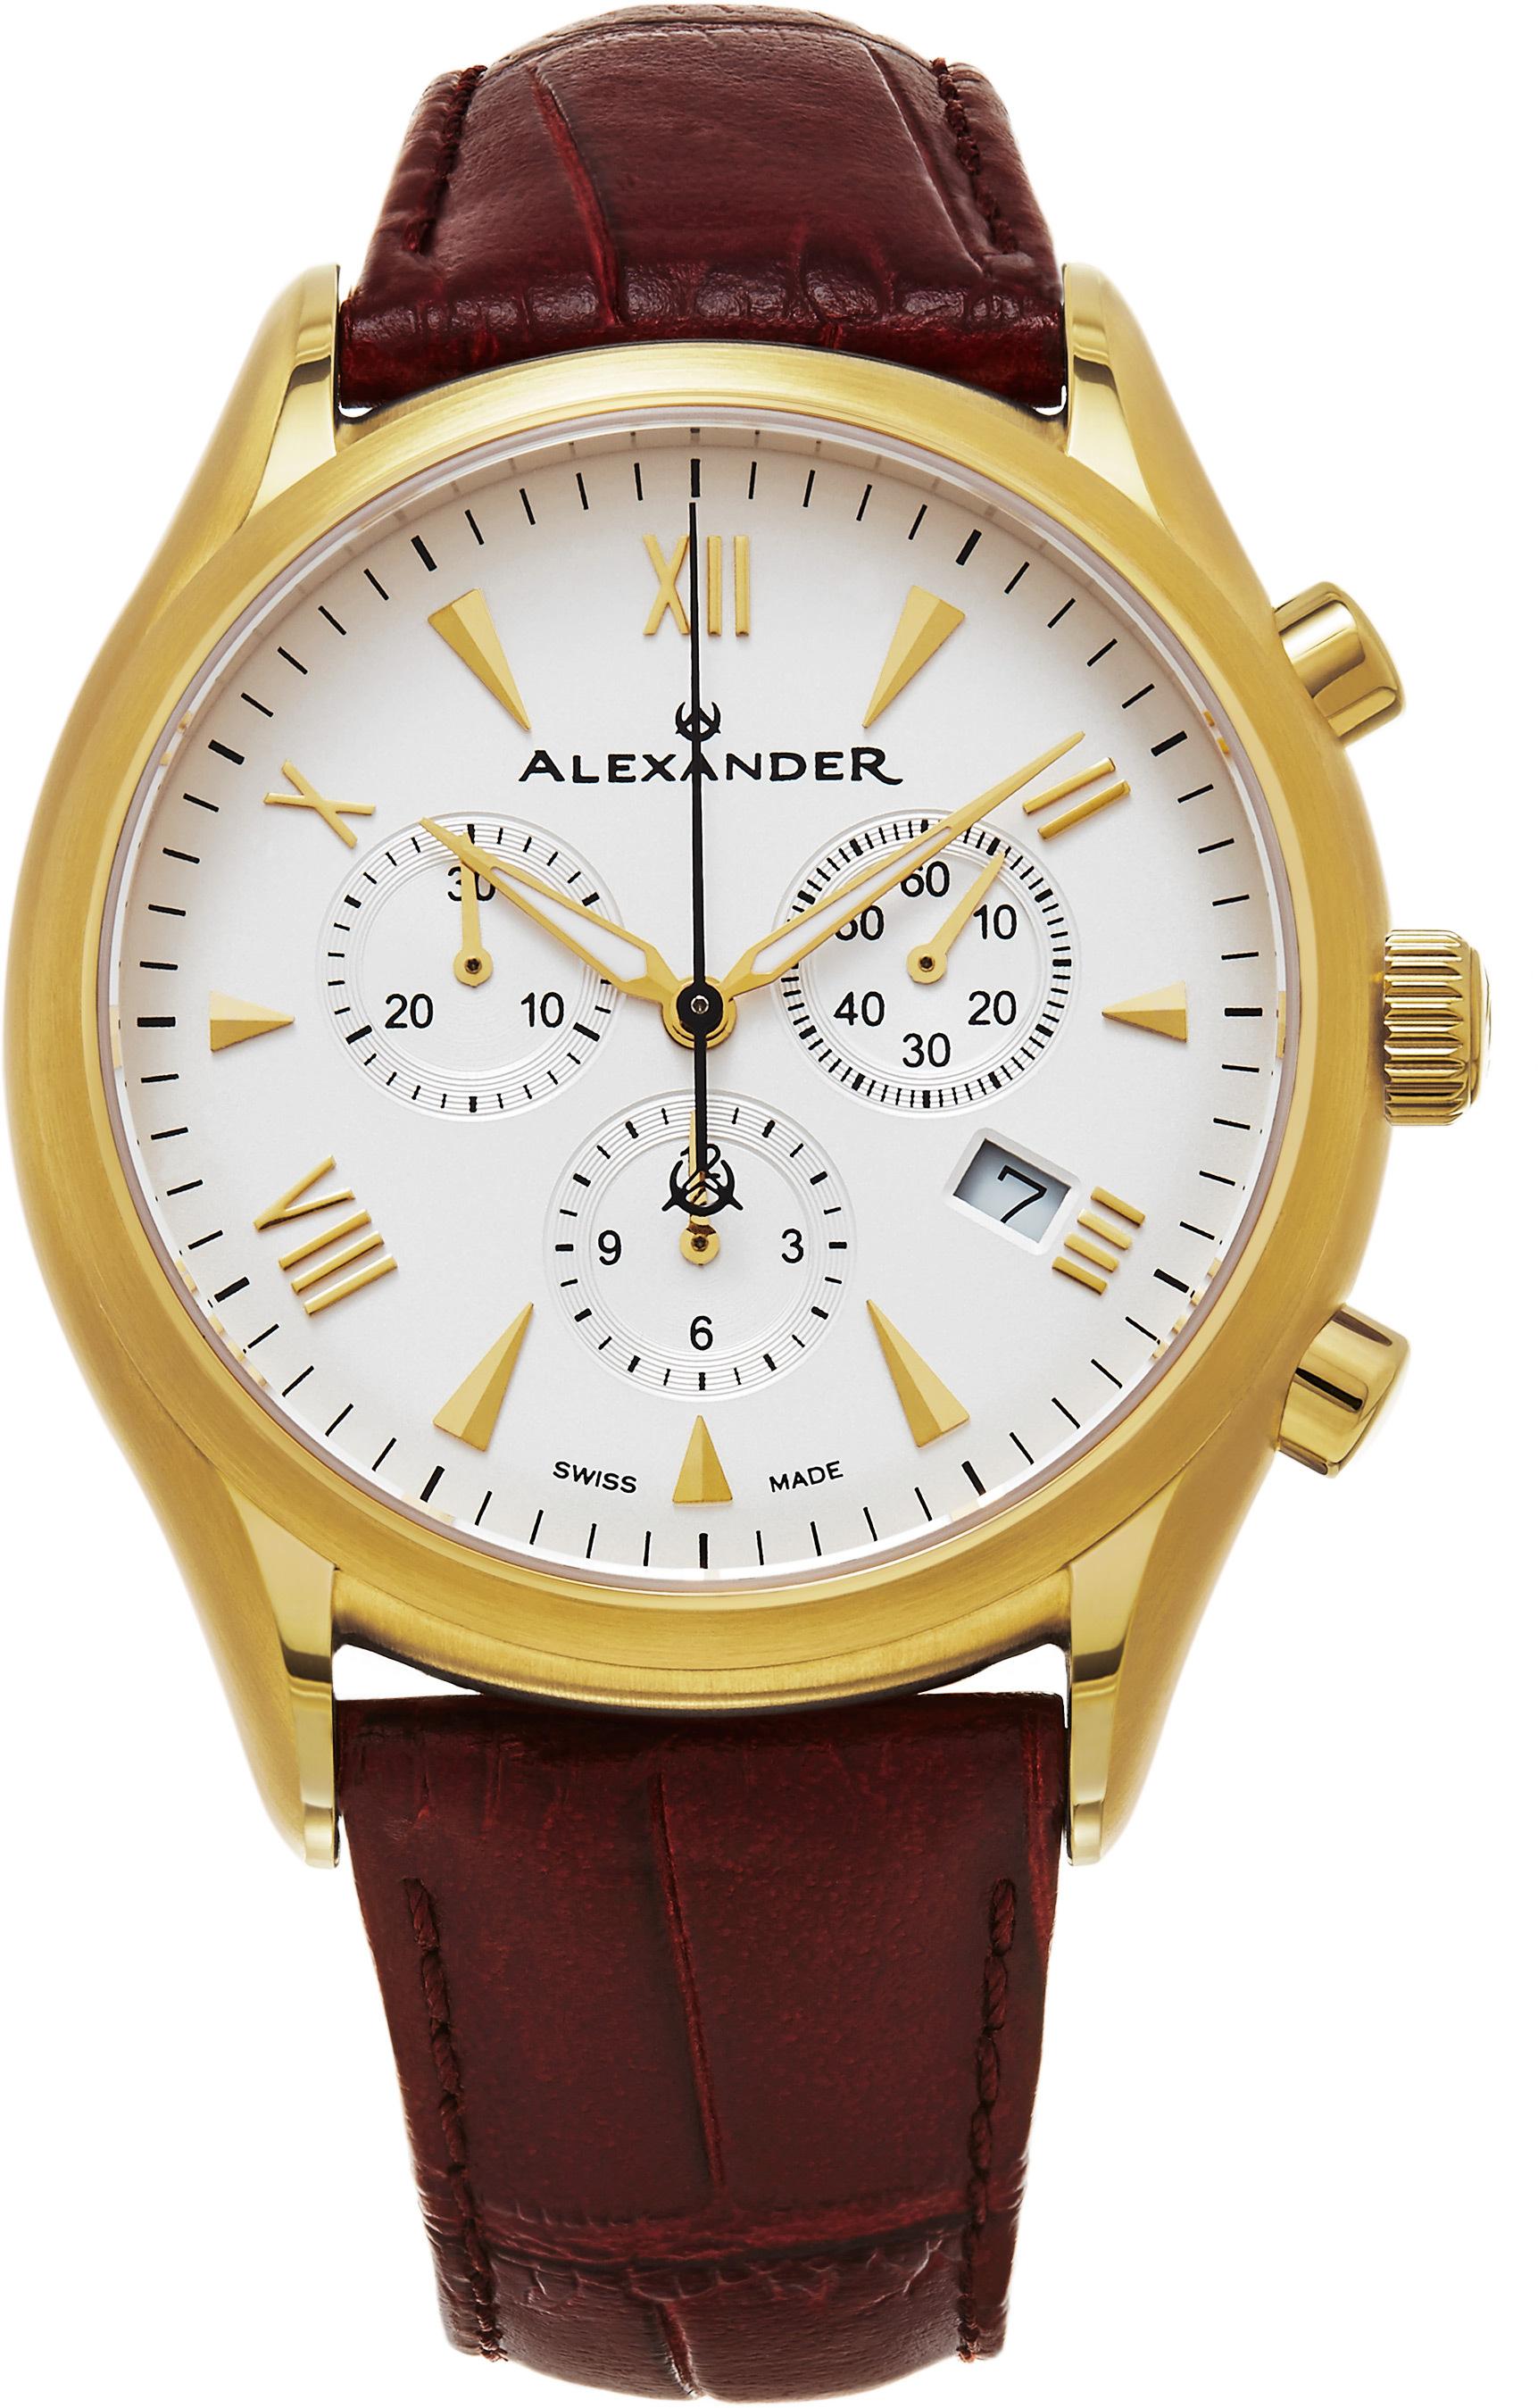 Alexander Heroic Herrklocka A021-05 Vit/Läder Ø42 mm - Alexander